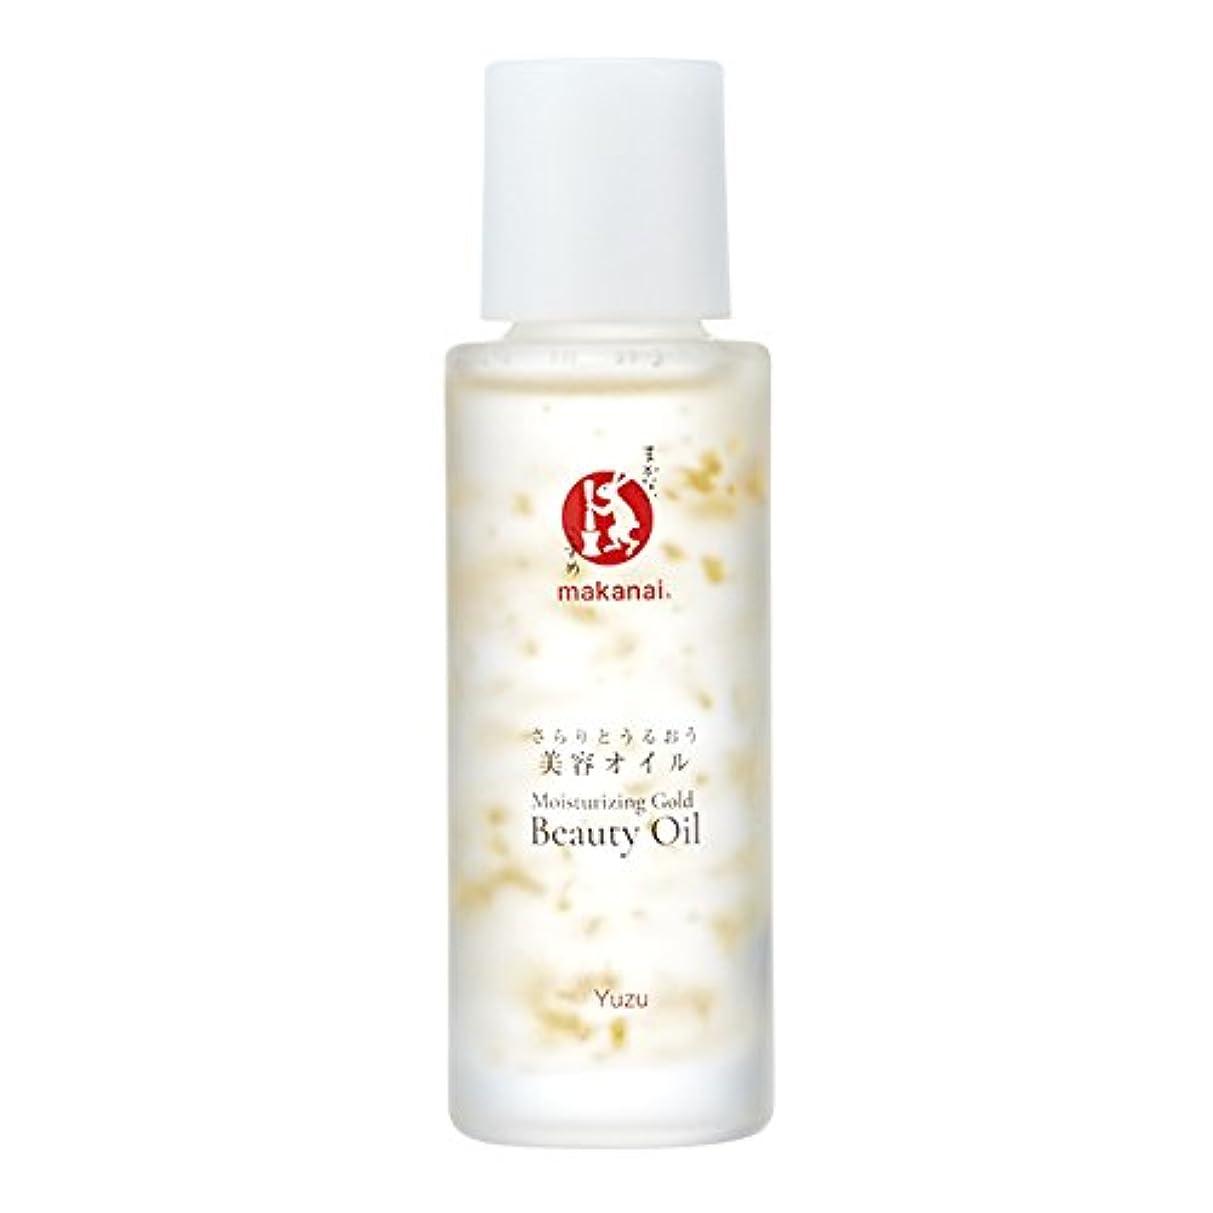 エアコンバックアップ擬人化まかないこすめ 美容オイル ゆずの香り 20ml